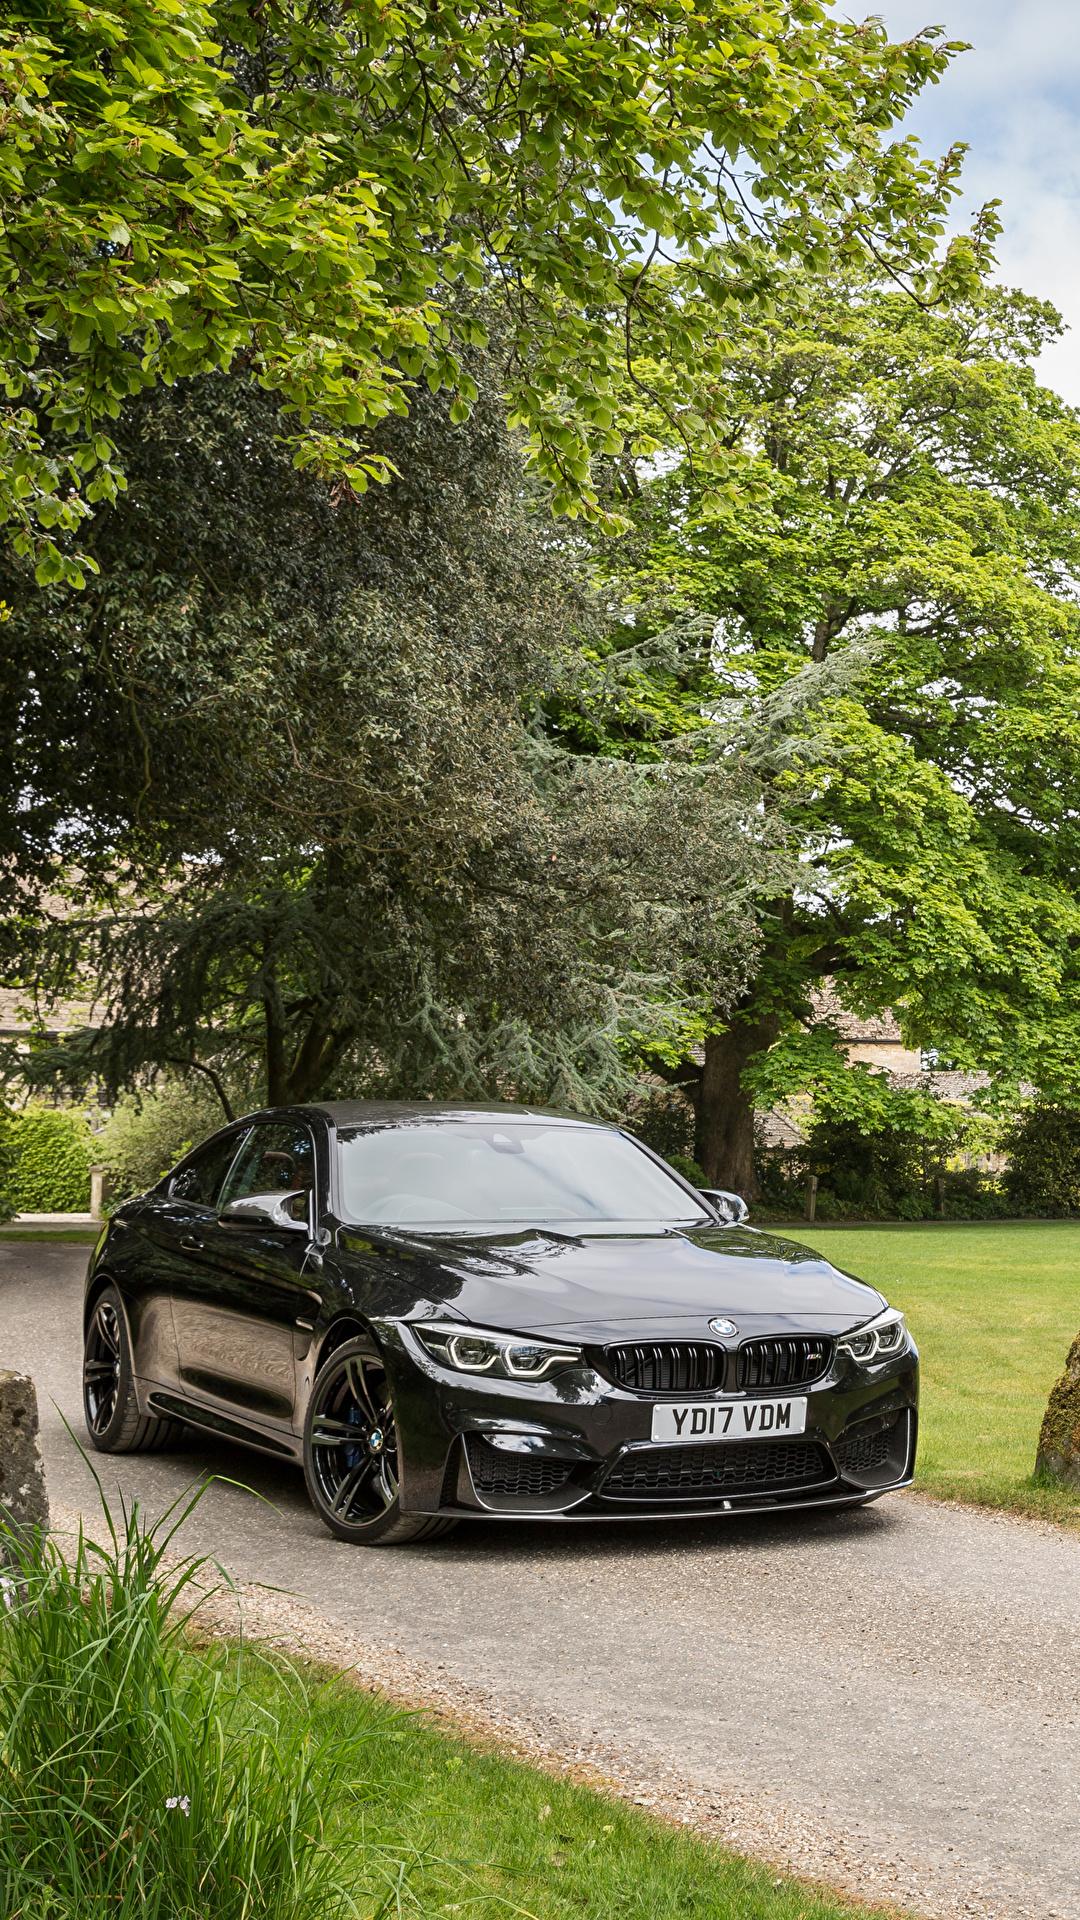 Картинка BMW 2017 M4 Coupe черные Металлик Автомобили 1080x1920 для мобильного телефона БМВ черных Черный черная авто машина машины автомобиль